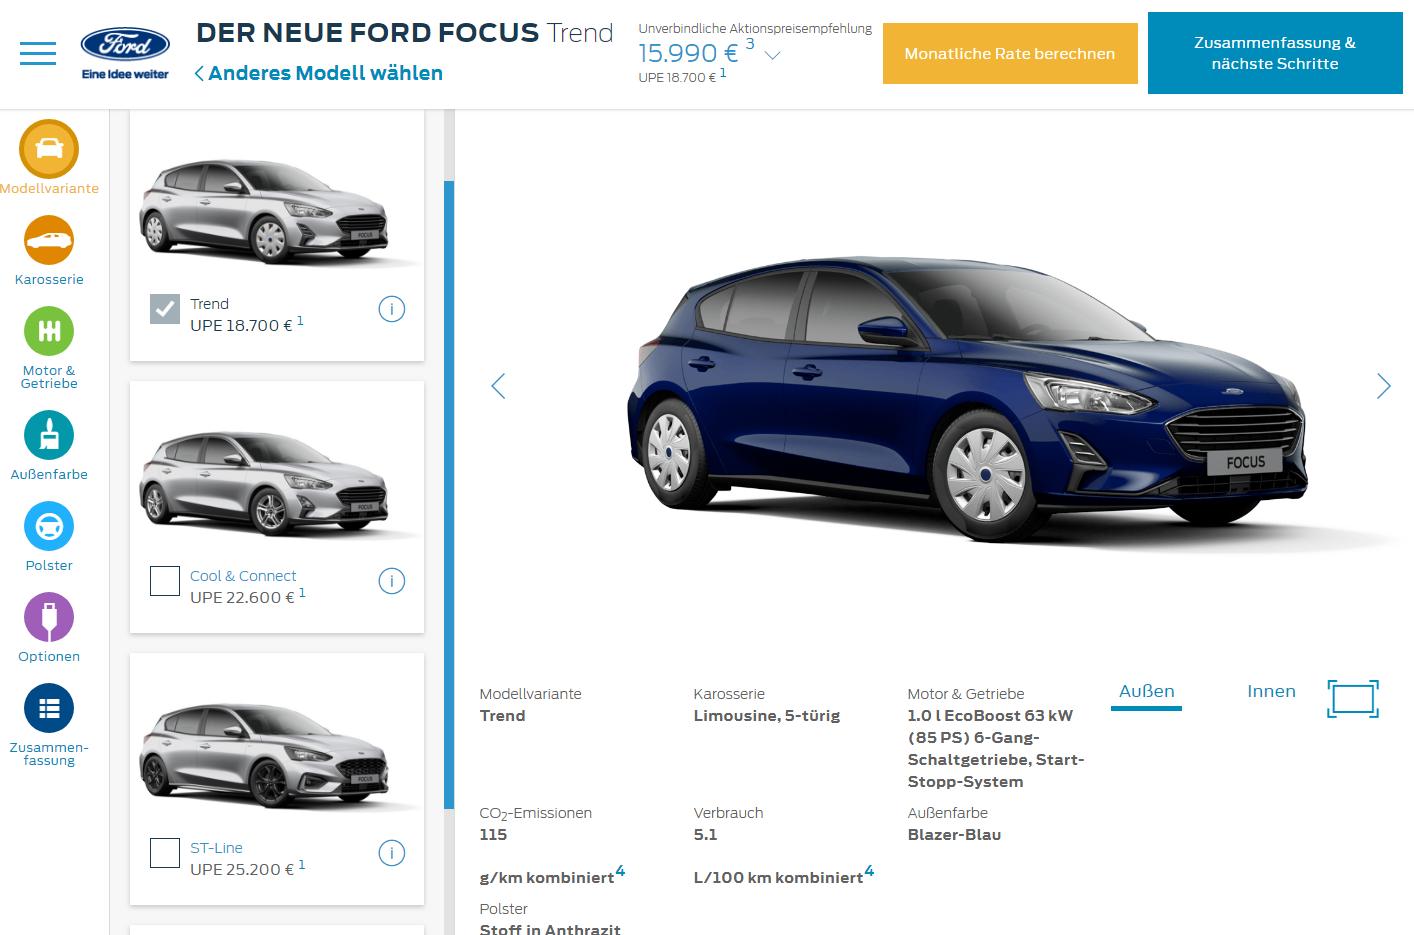 Ford Focus 2018 derzeit online mit Aktionsbonus erhältlich Bildquelle: Ford.de